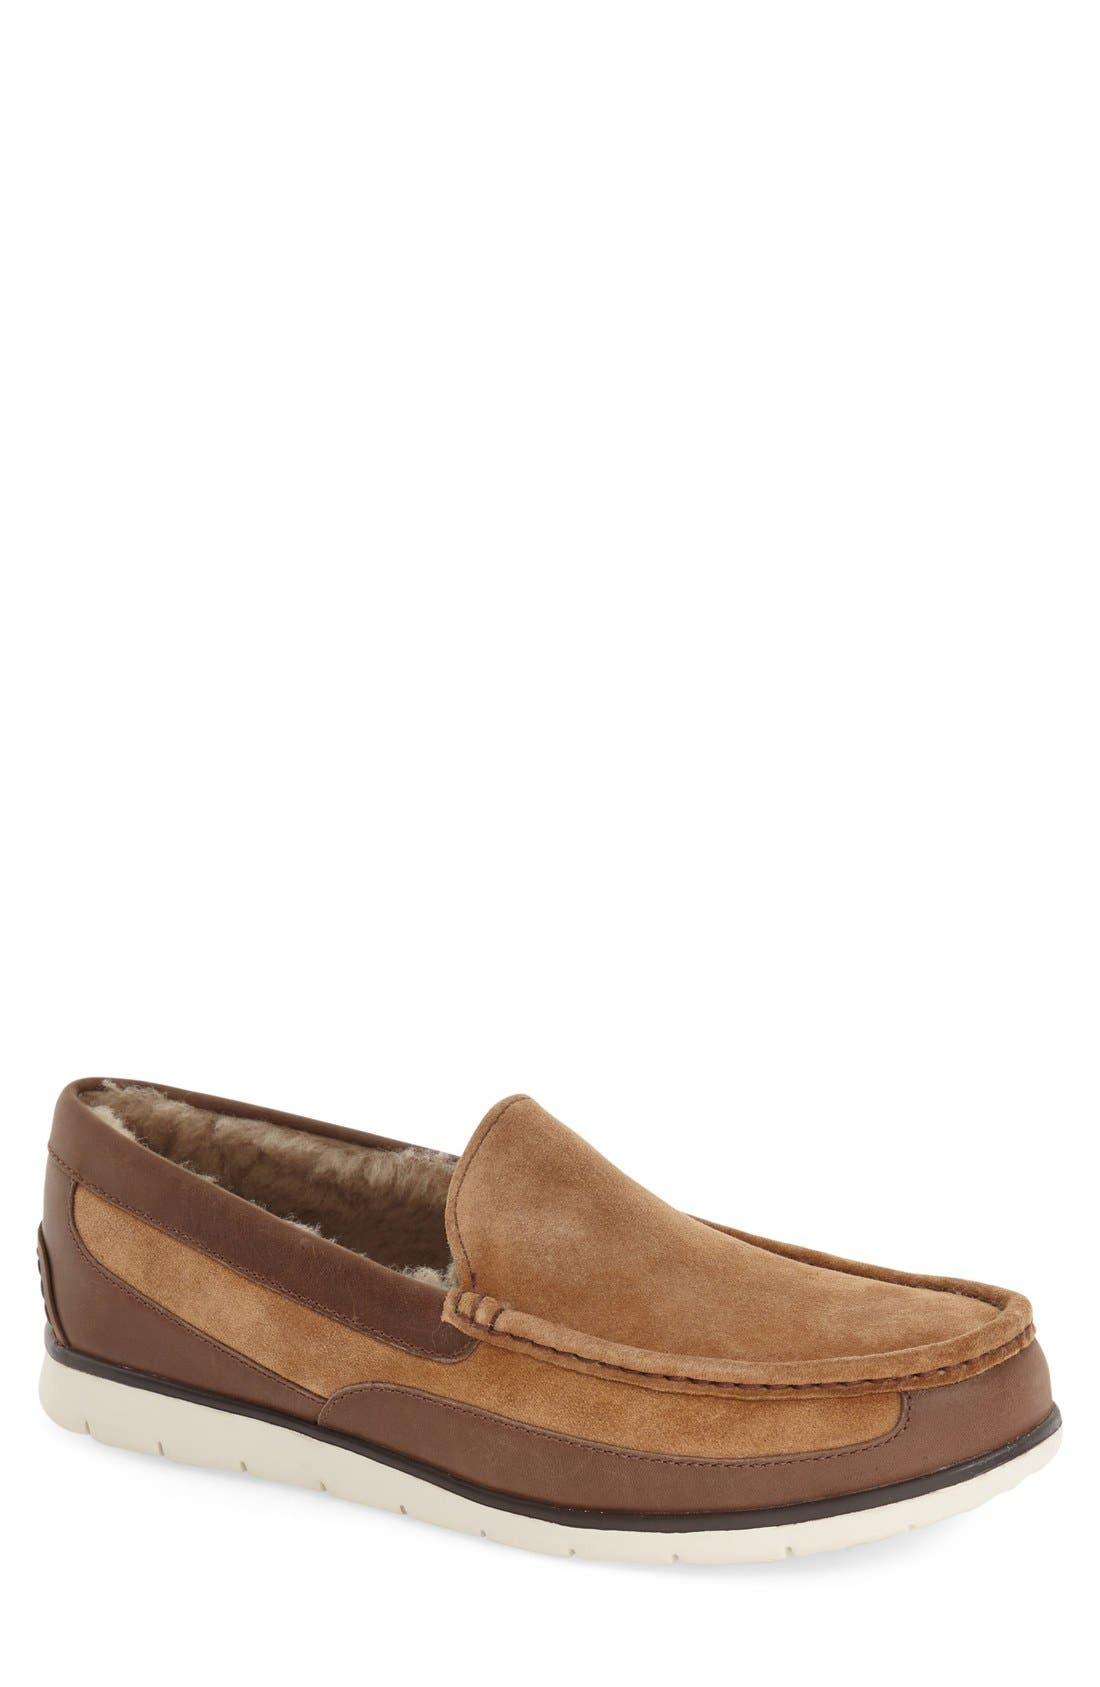 UGG® Fascot Driving Shoe (Men)